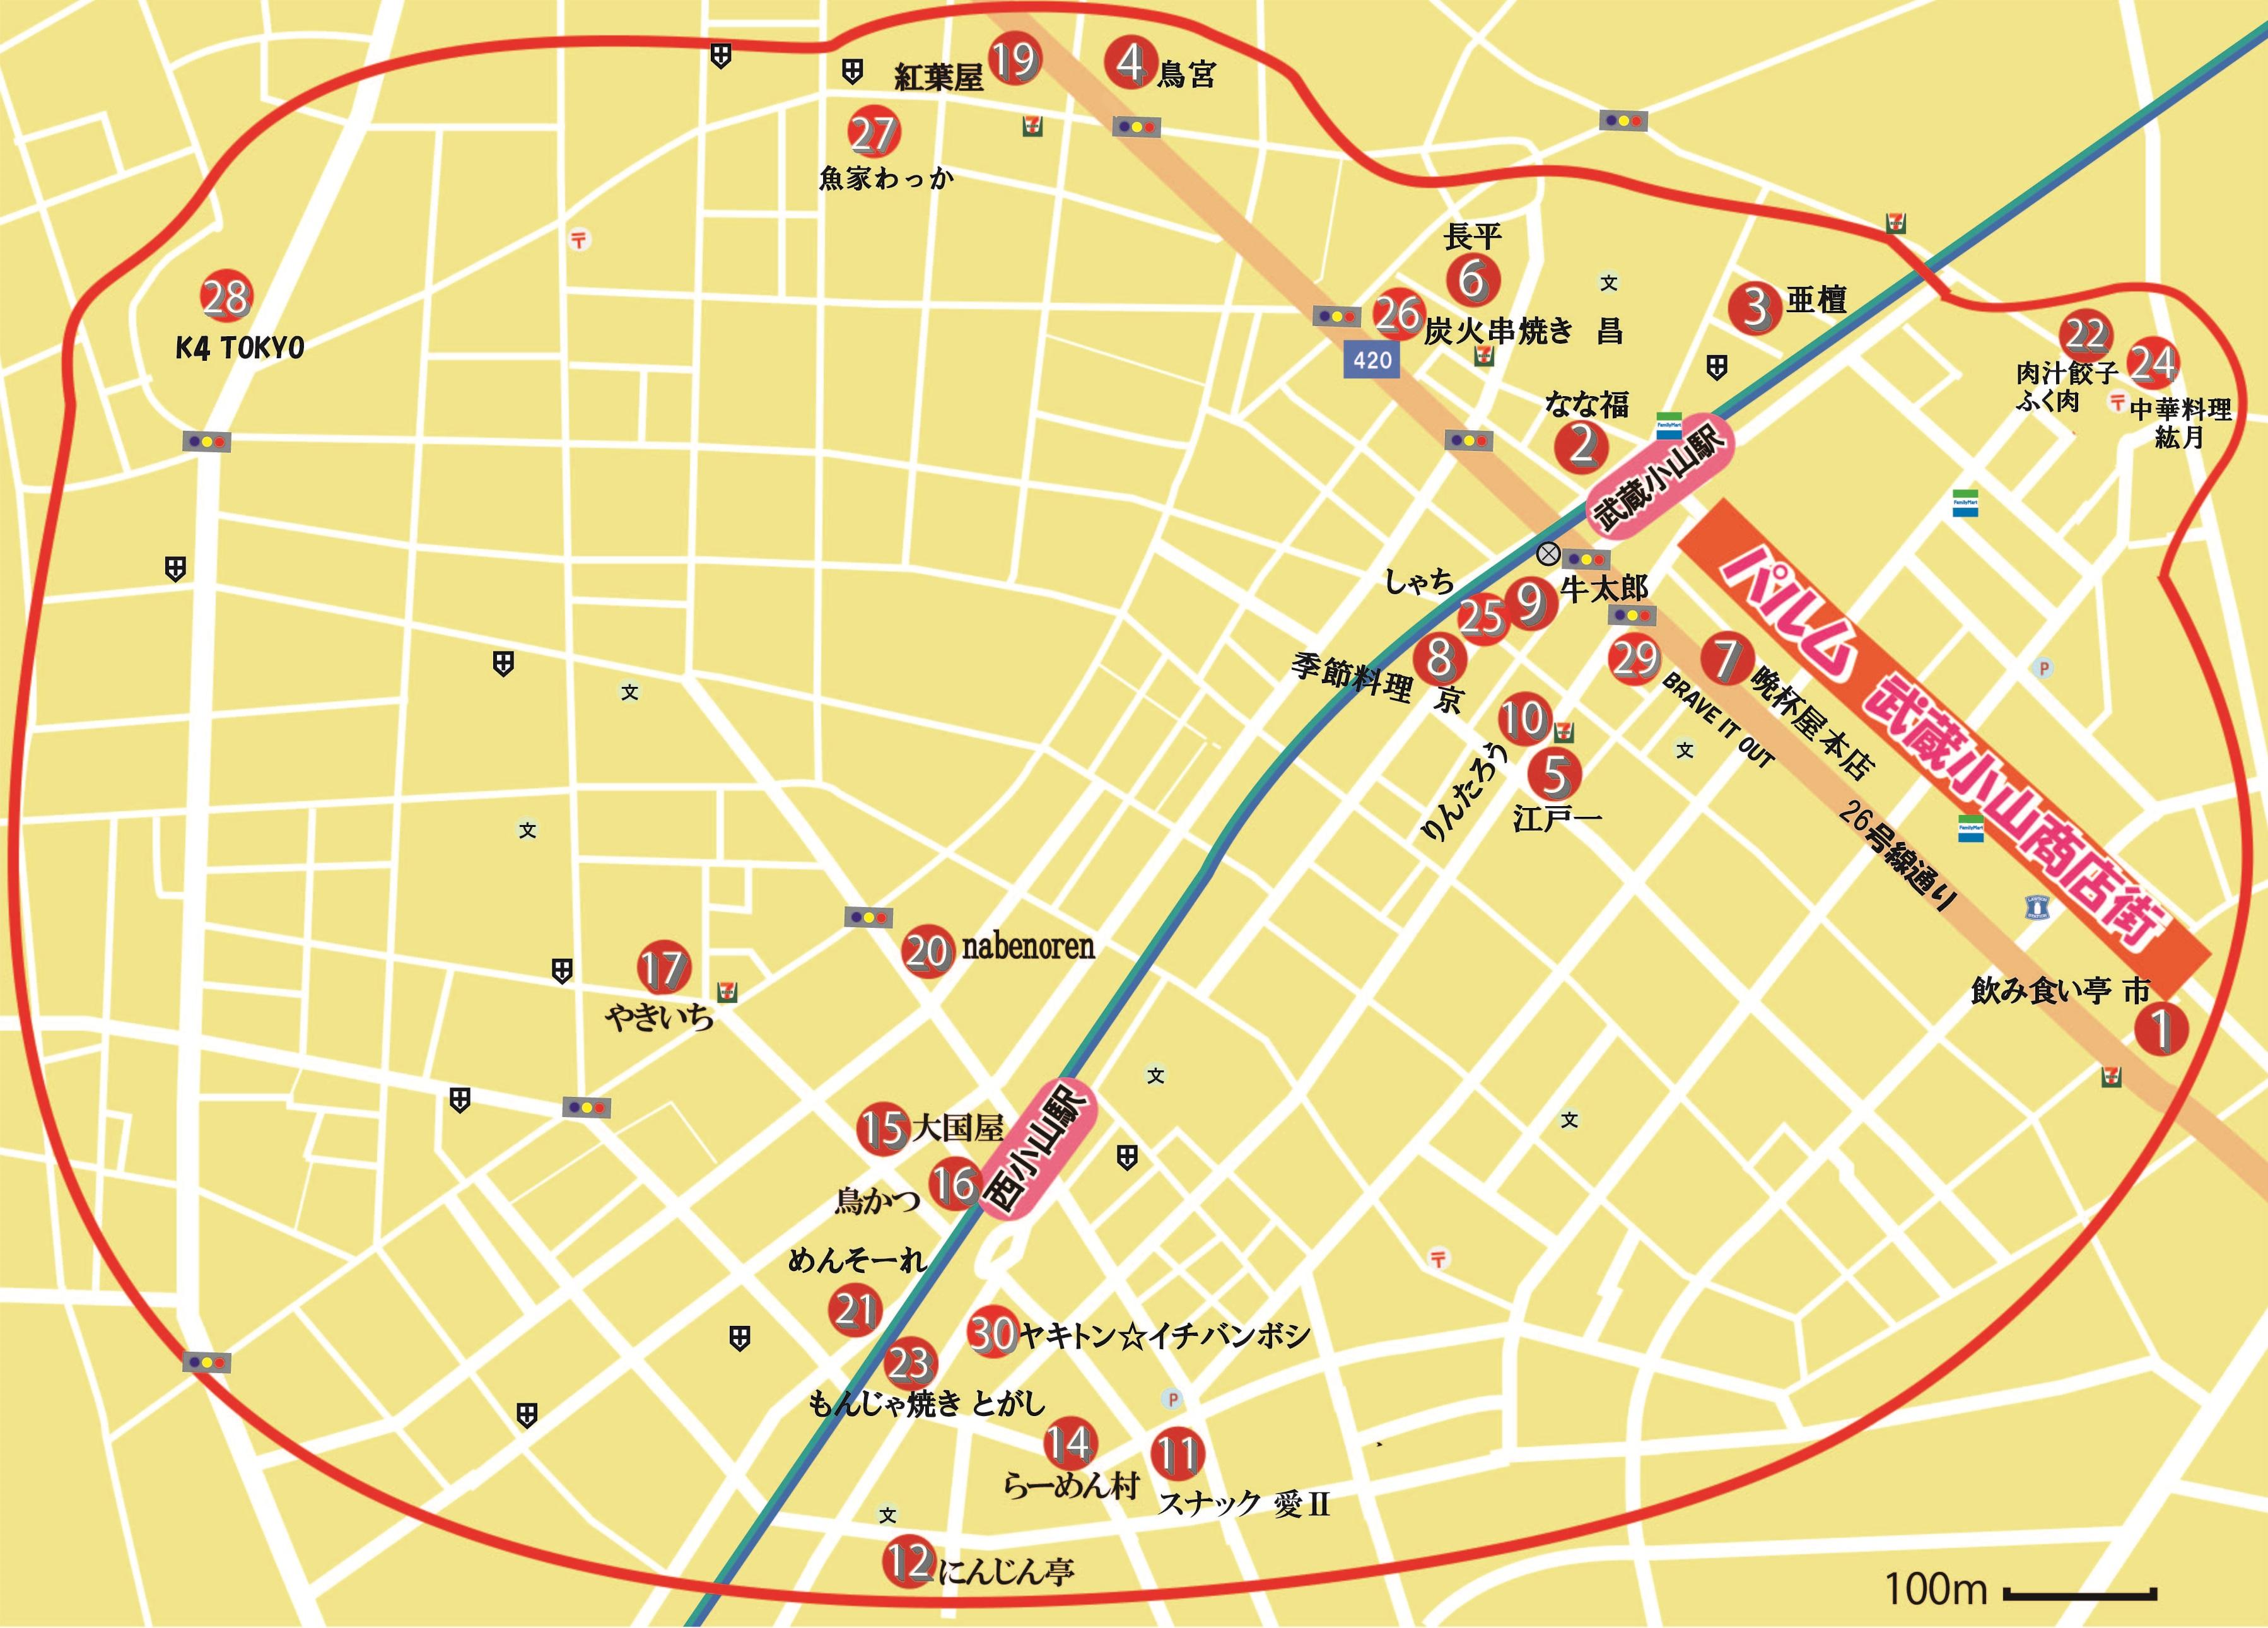 20200805_ハイサワー特区地図参加店